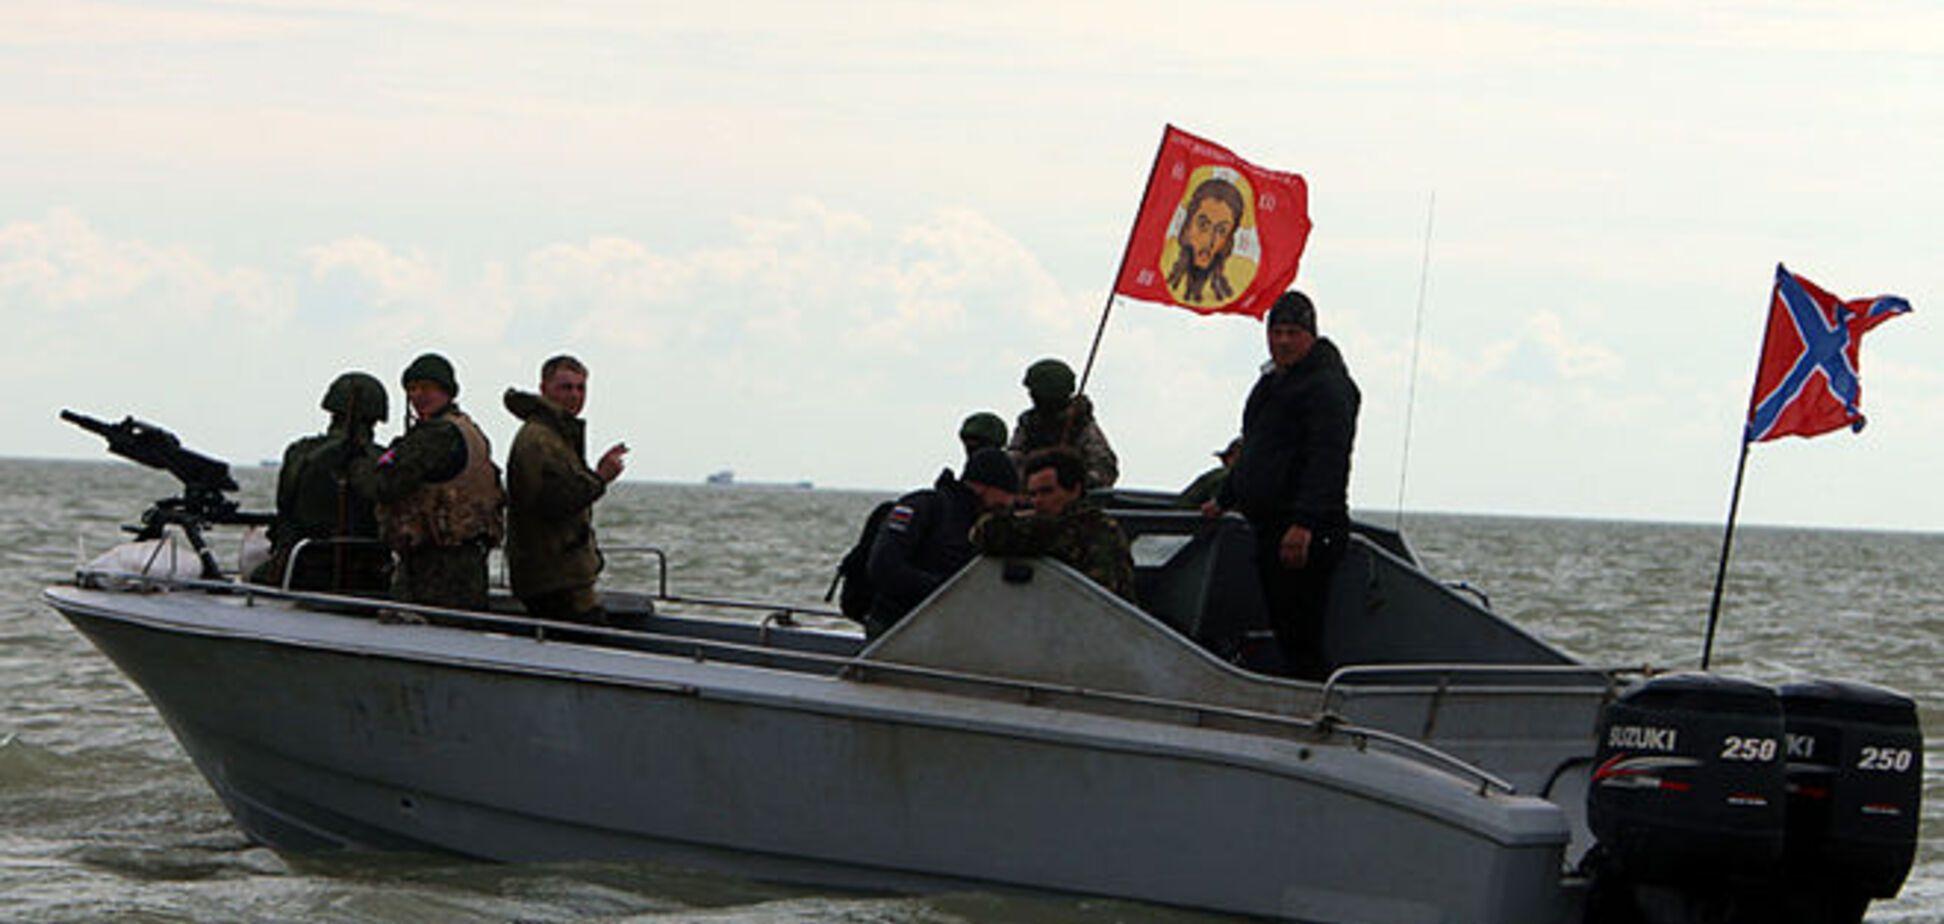 Верхом на ржавом корыте: кремлевские СМИ показали флот 'ДНР'